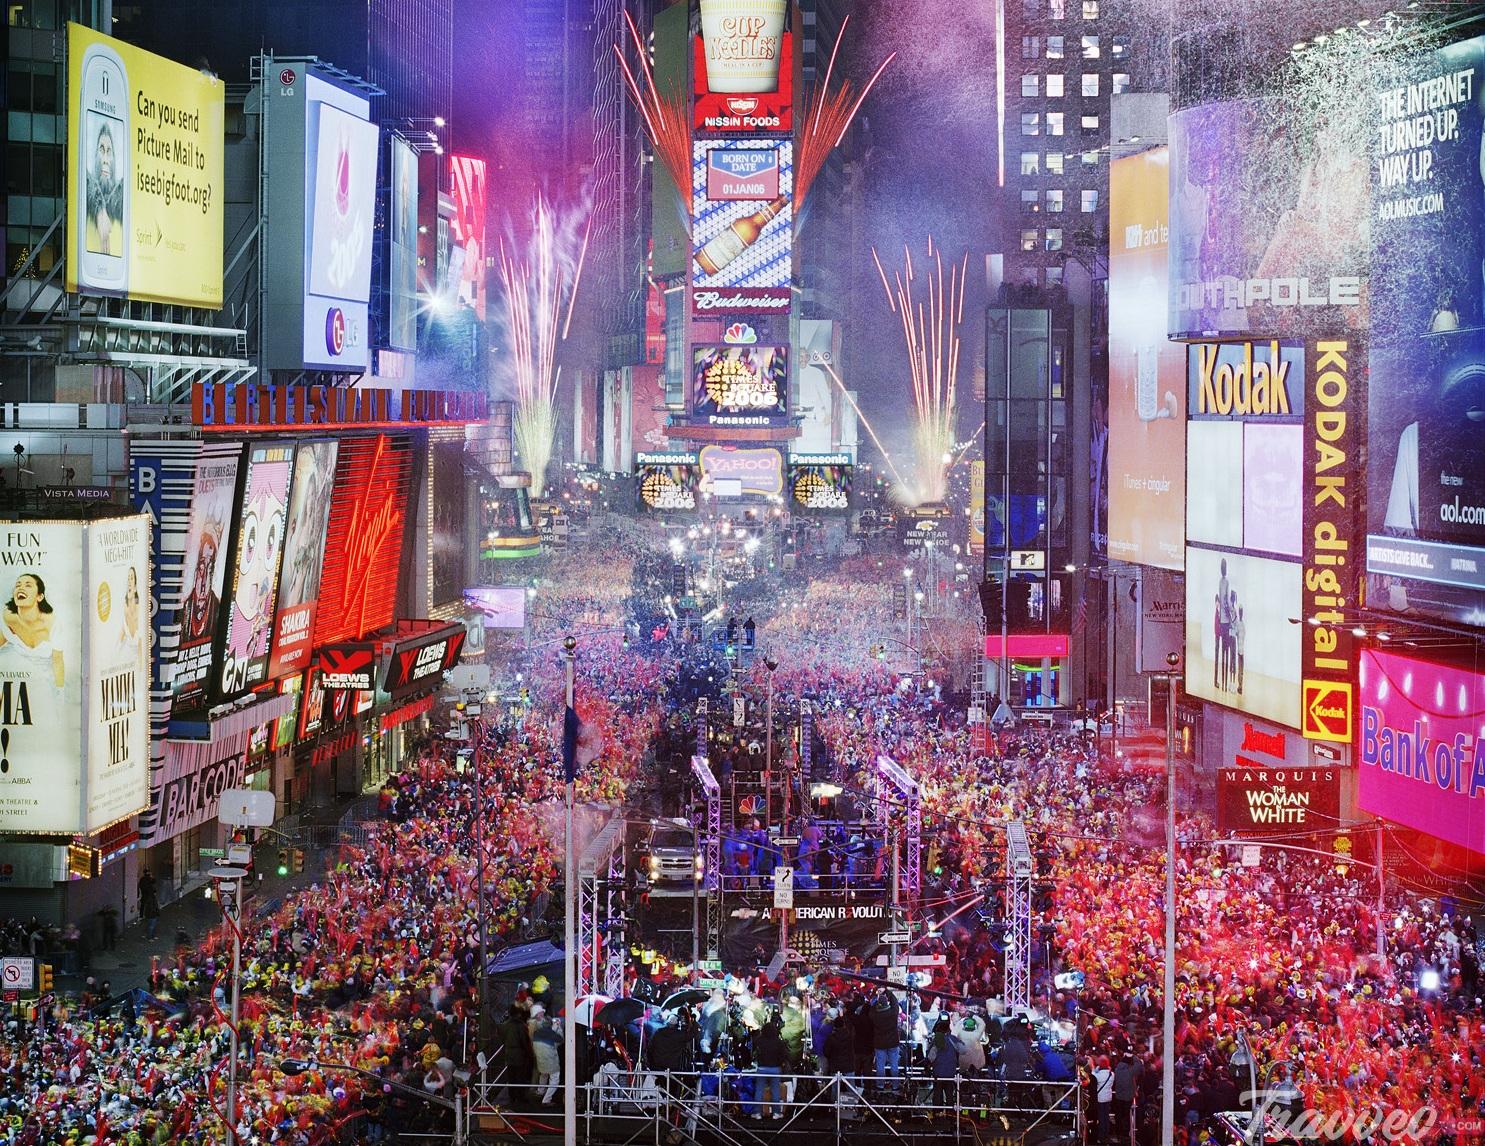 أفضل اماكن حضور حفلة رأس السنة 2020 في نيويورك ترافيو كوم للسياحة